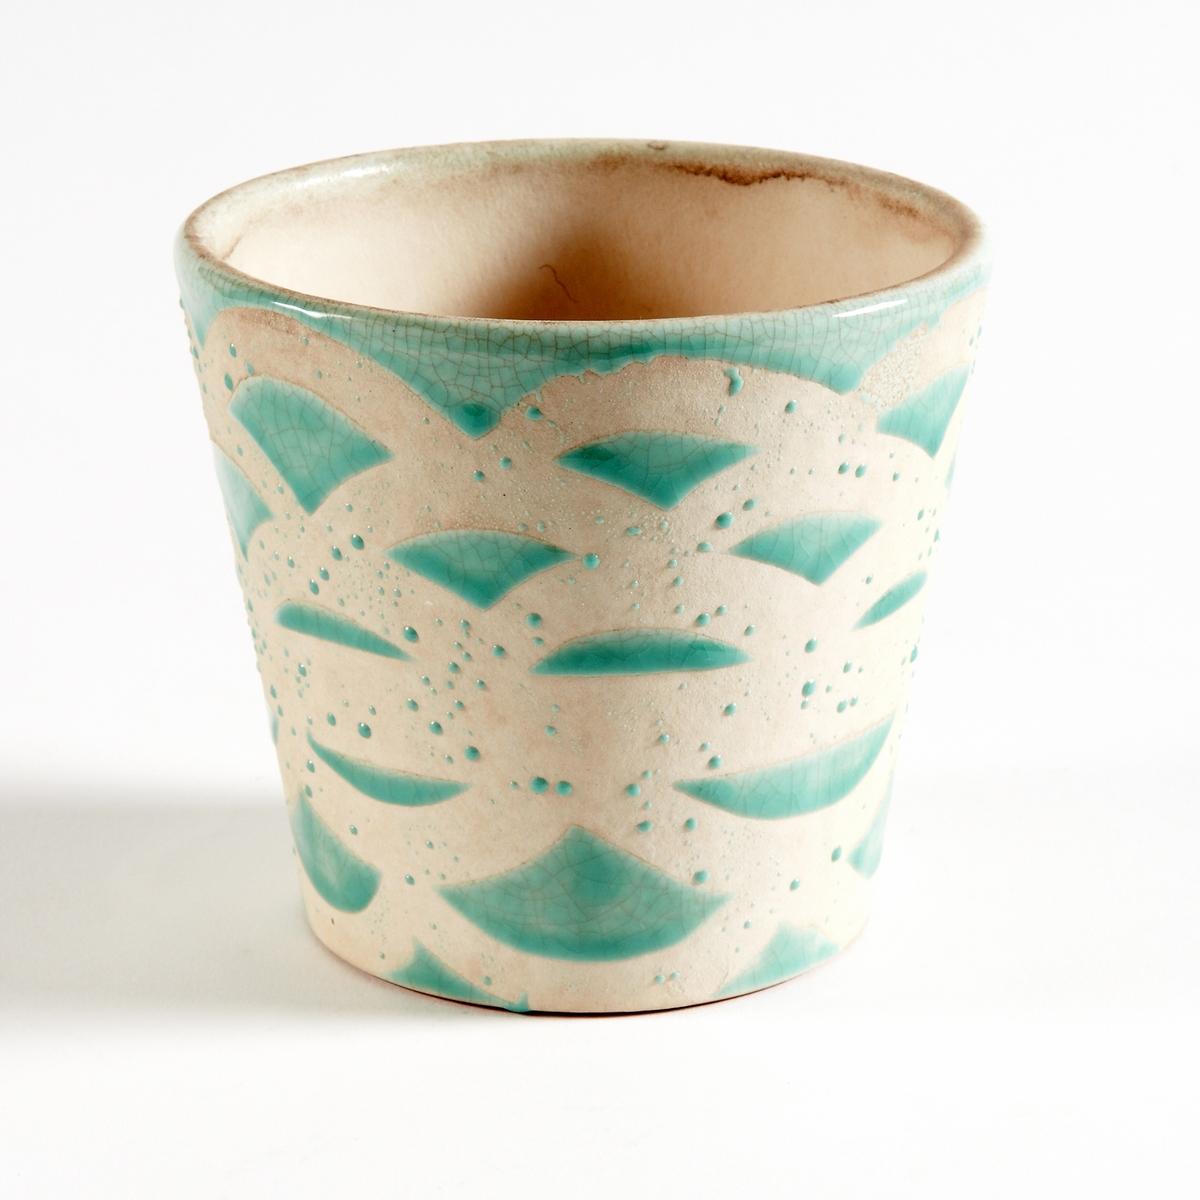 Кашпо из керамики, покрытой глазурью, EtnimaХарактеристики круглого кашпо из керамики Etnima :Круглое кашпо из керамики, покрытой глазурью, с этническим рисунком.Размеры круглого кашпо из керамики Etnima :Размеры : диаметр 14 x высота 12,5 см.<br><br>Цвет: зеленый,оранжевый,светло-розовый,темно-розовый<br>Размер: единый размер